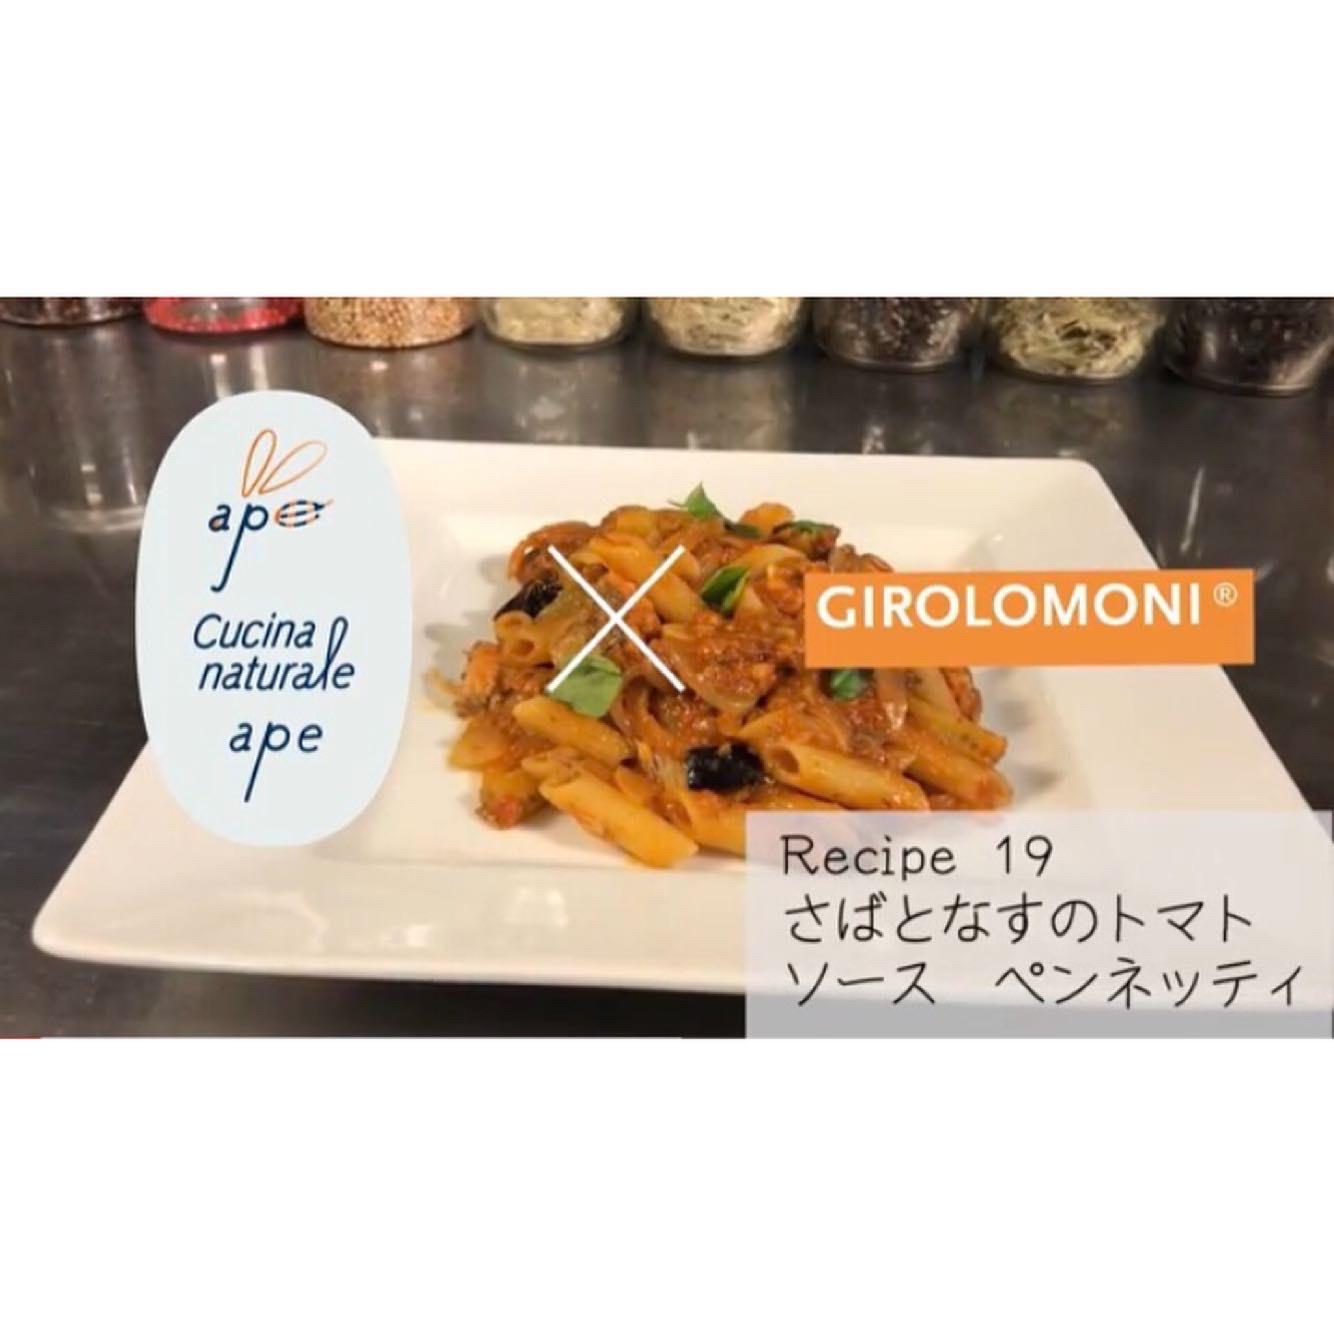 ape × Girolomoni レシピ19 さばとなすとトマトのペンネッティ